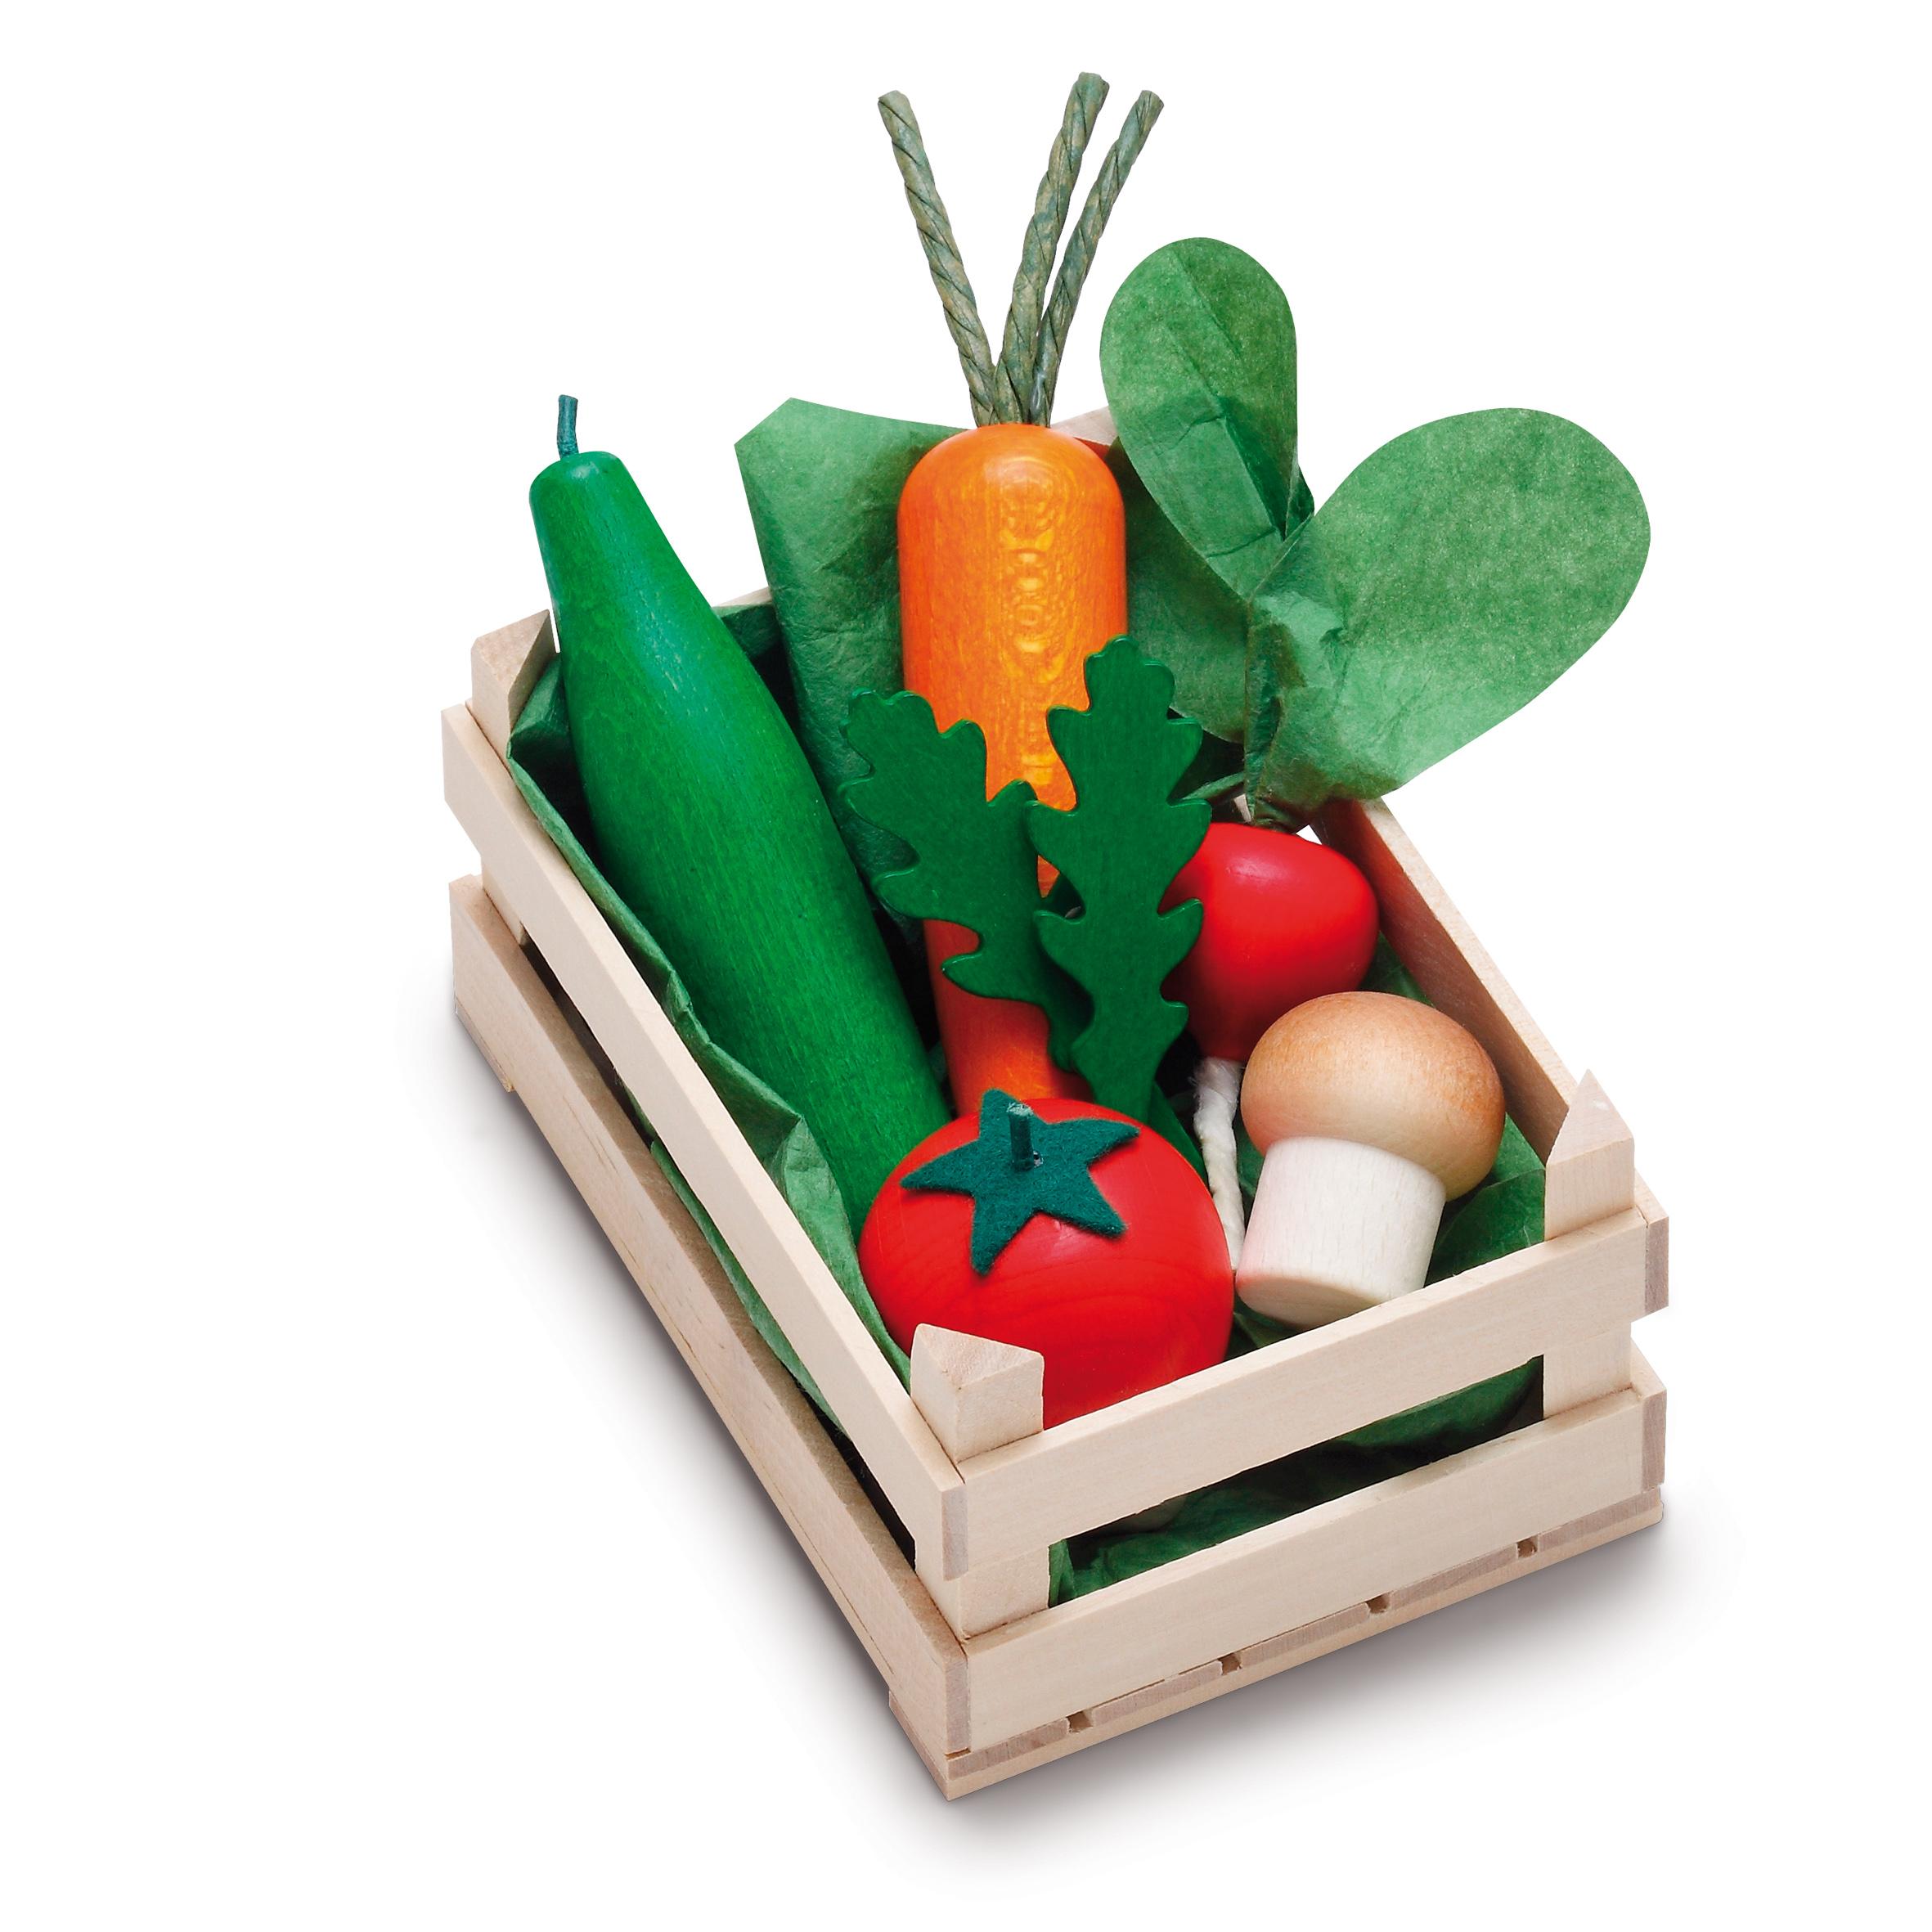 Sortierung Gemüse, klein